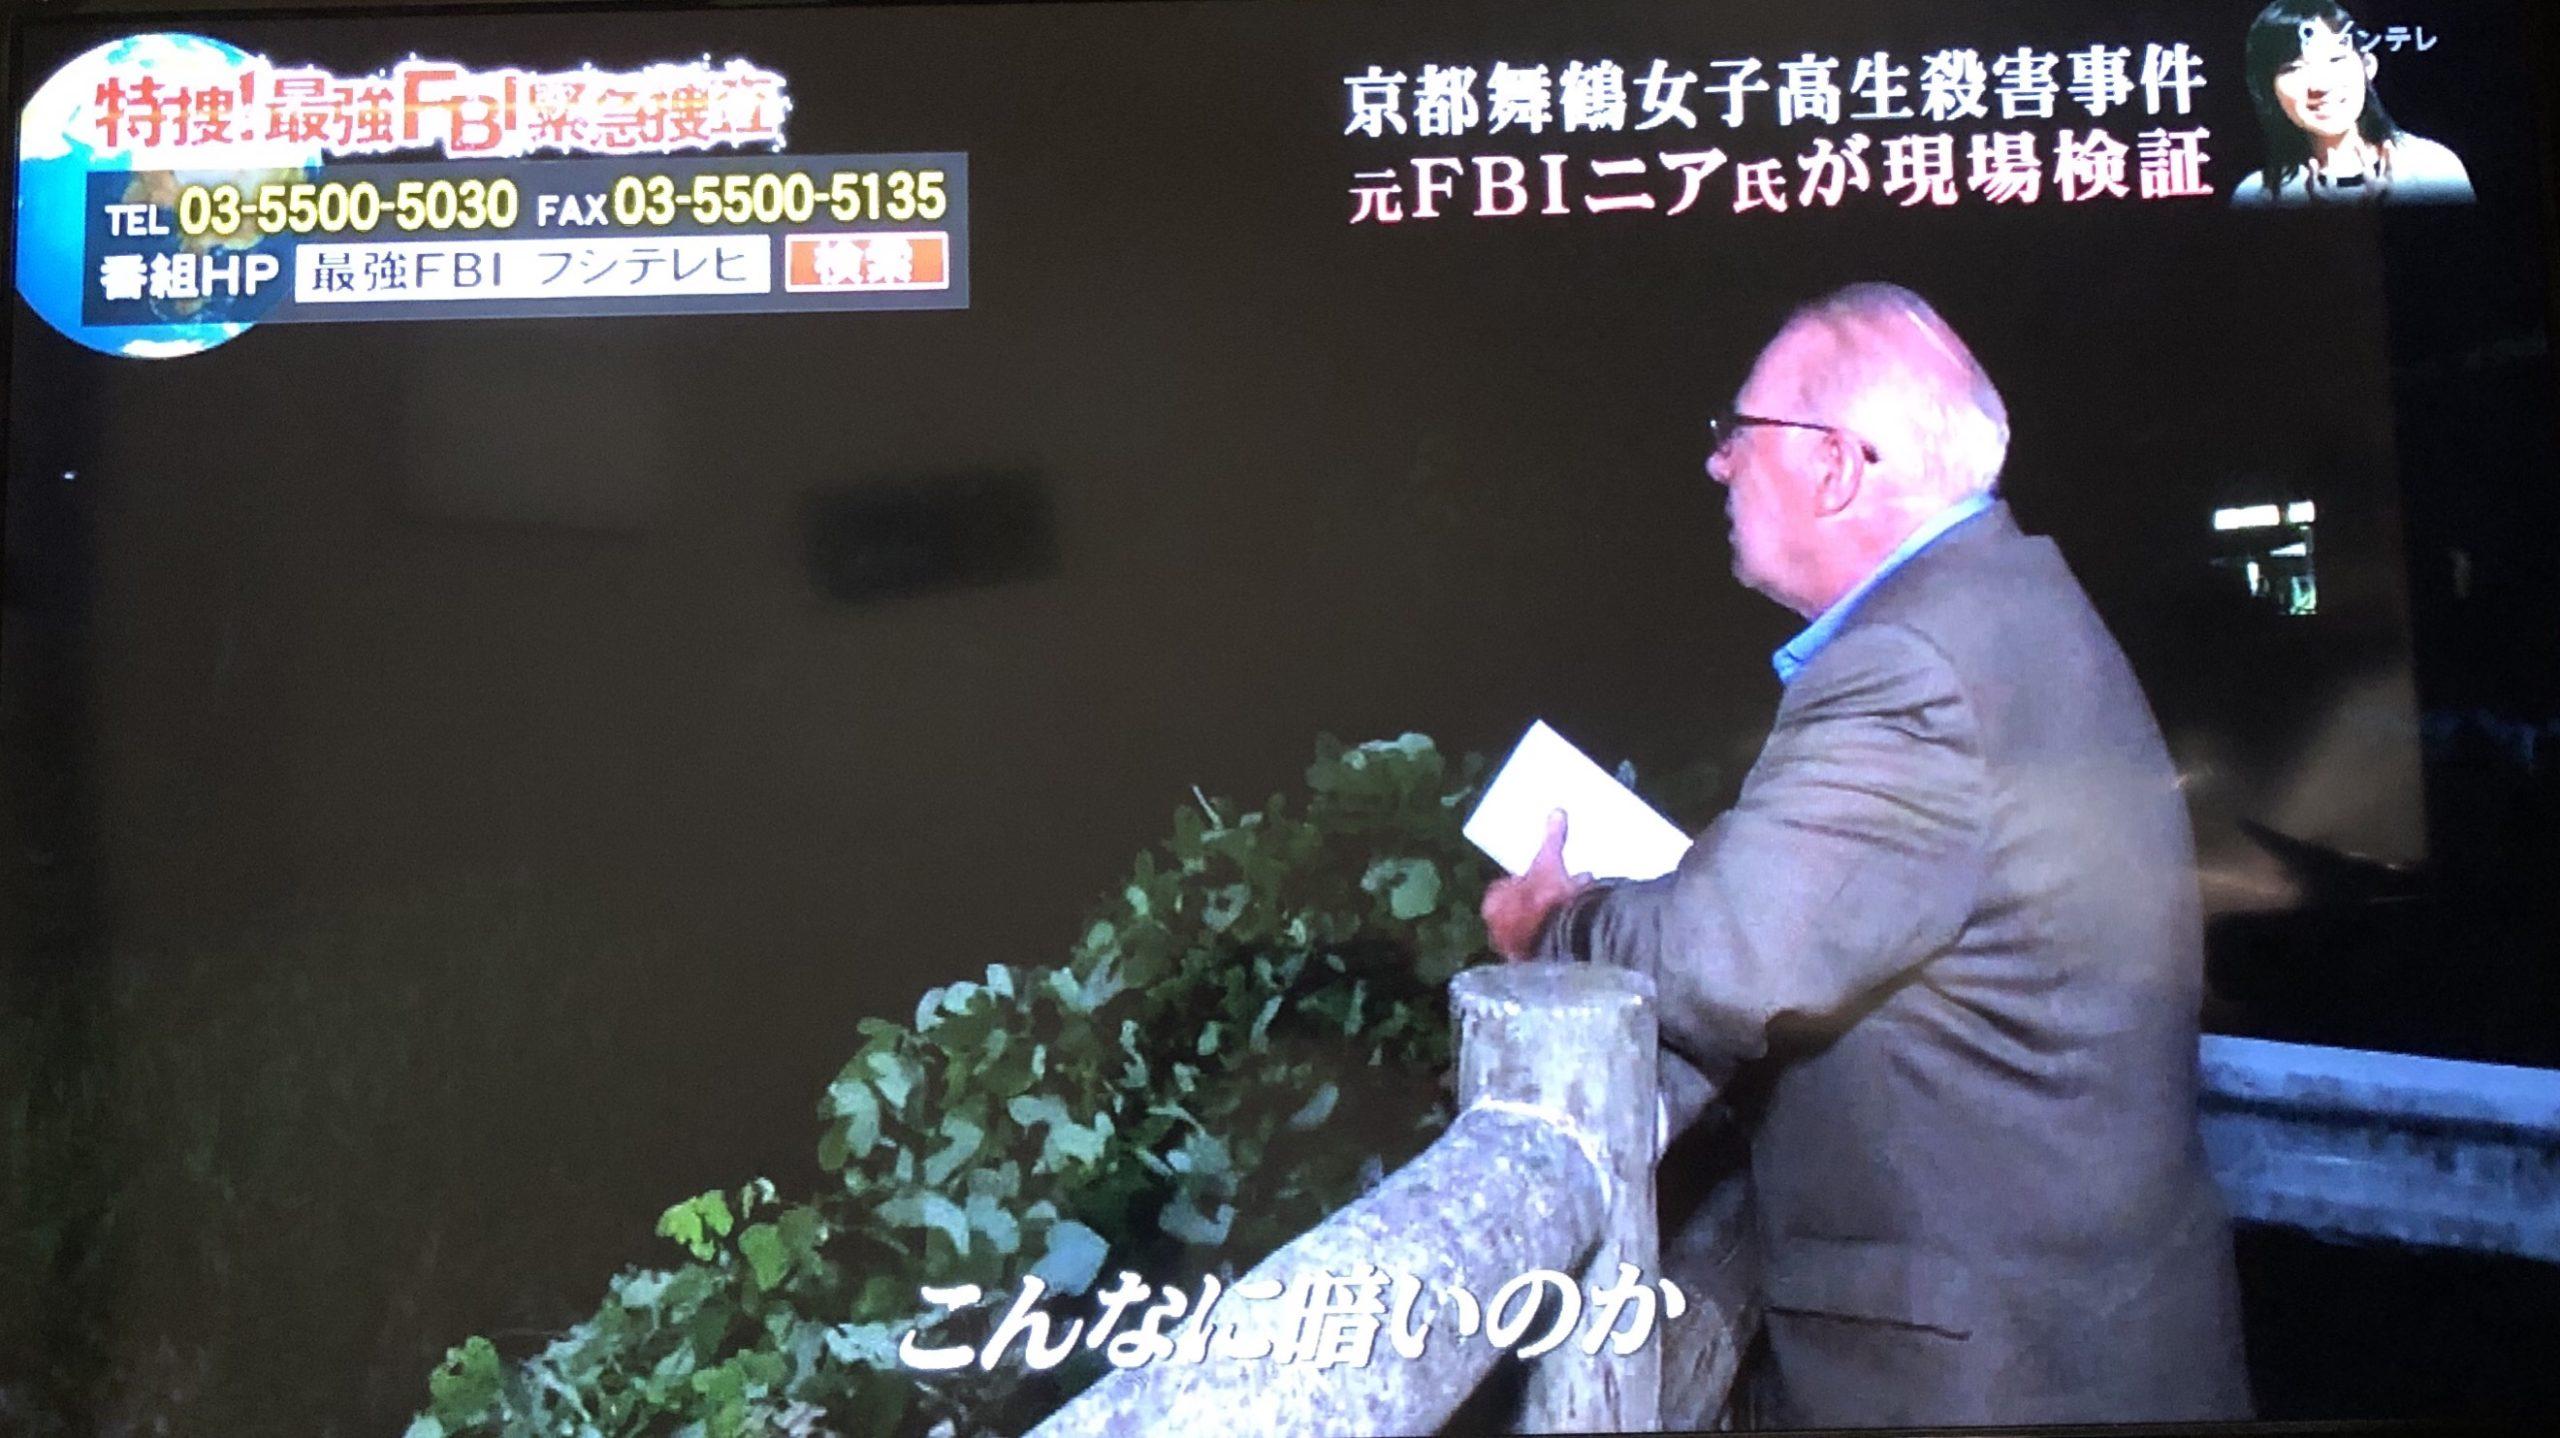 殺害 京都 舞鶴 女子 事件 高生